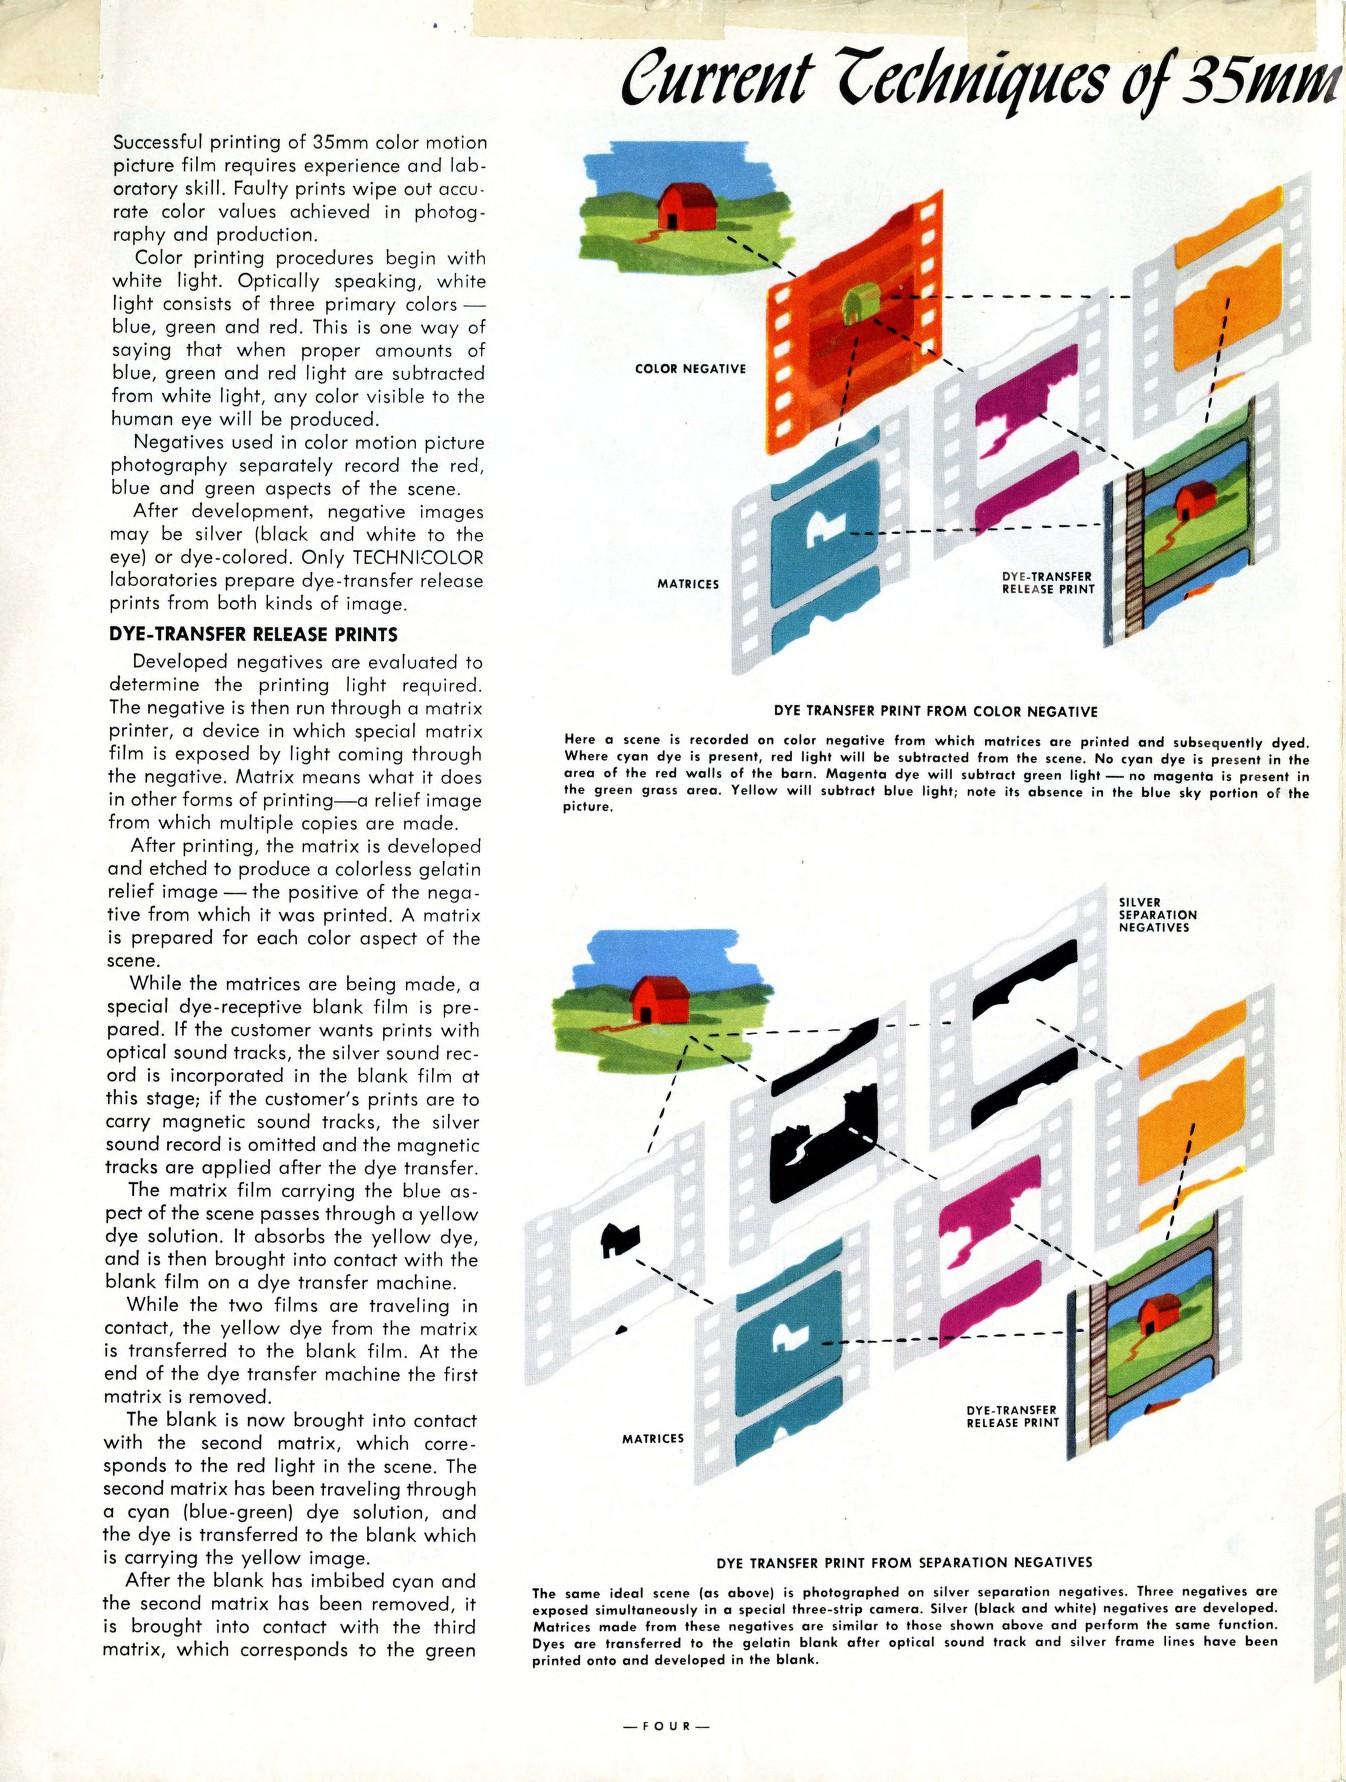 Technewsviews1955-04_jp2.zip&file=technewsviews1955-04_jp2%2ftechnewsviews1955-04_0004